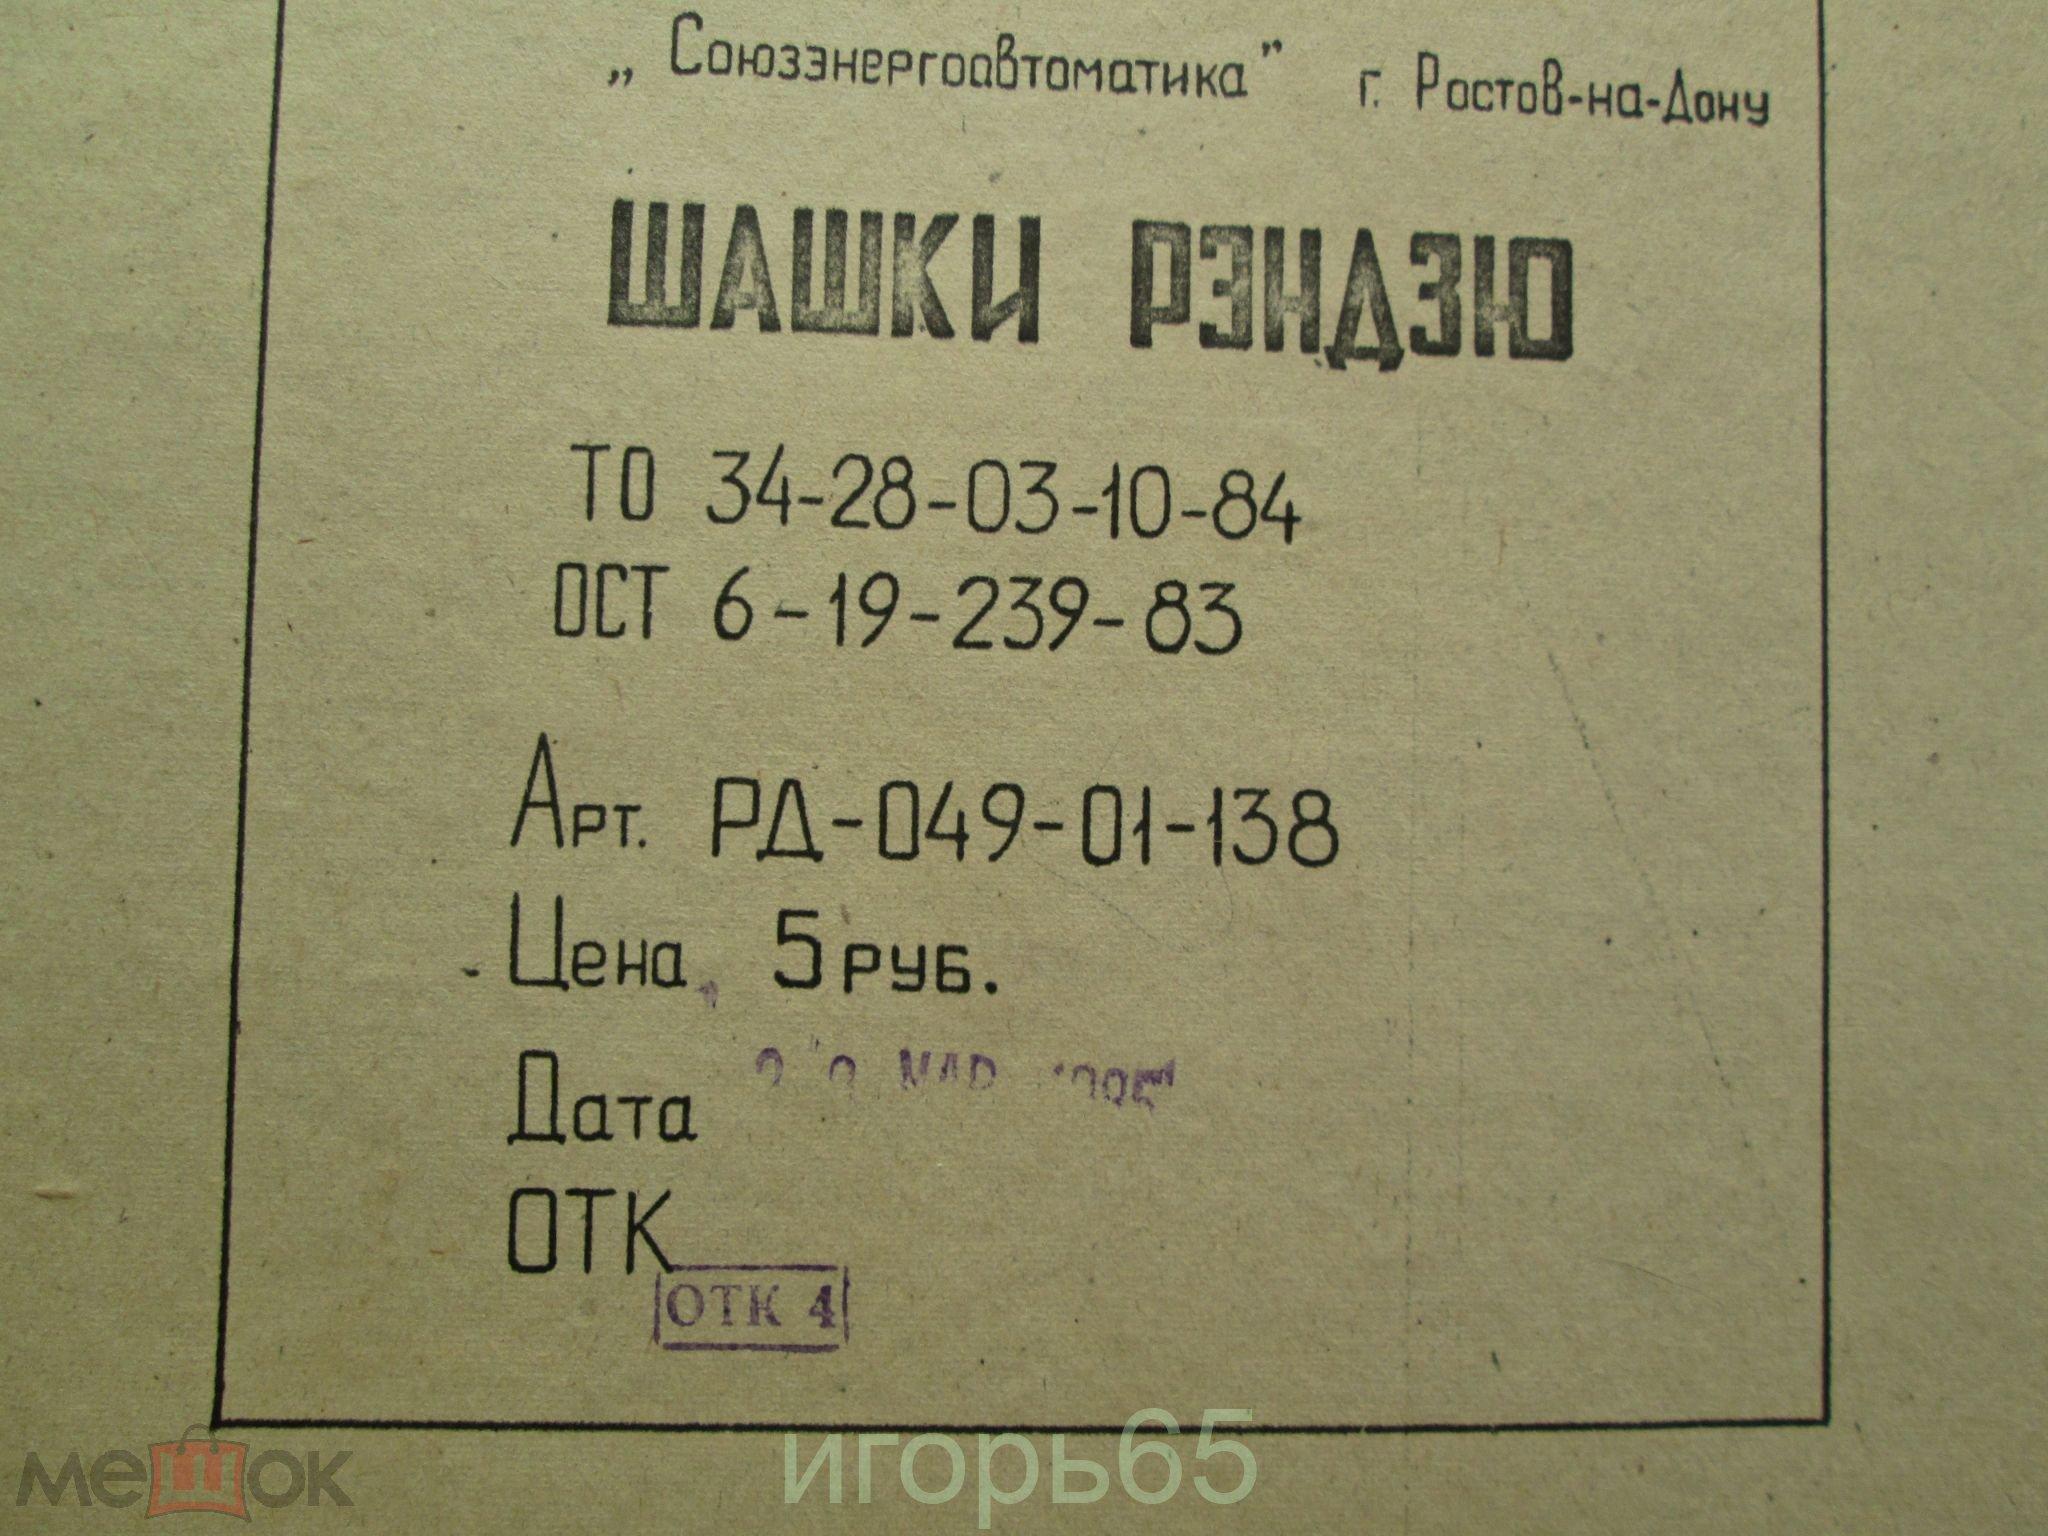 Настольная Игра  Шашки РЕНДЗЮ  Новая!